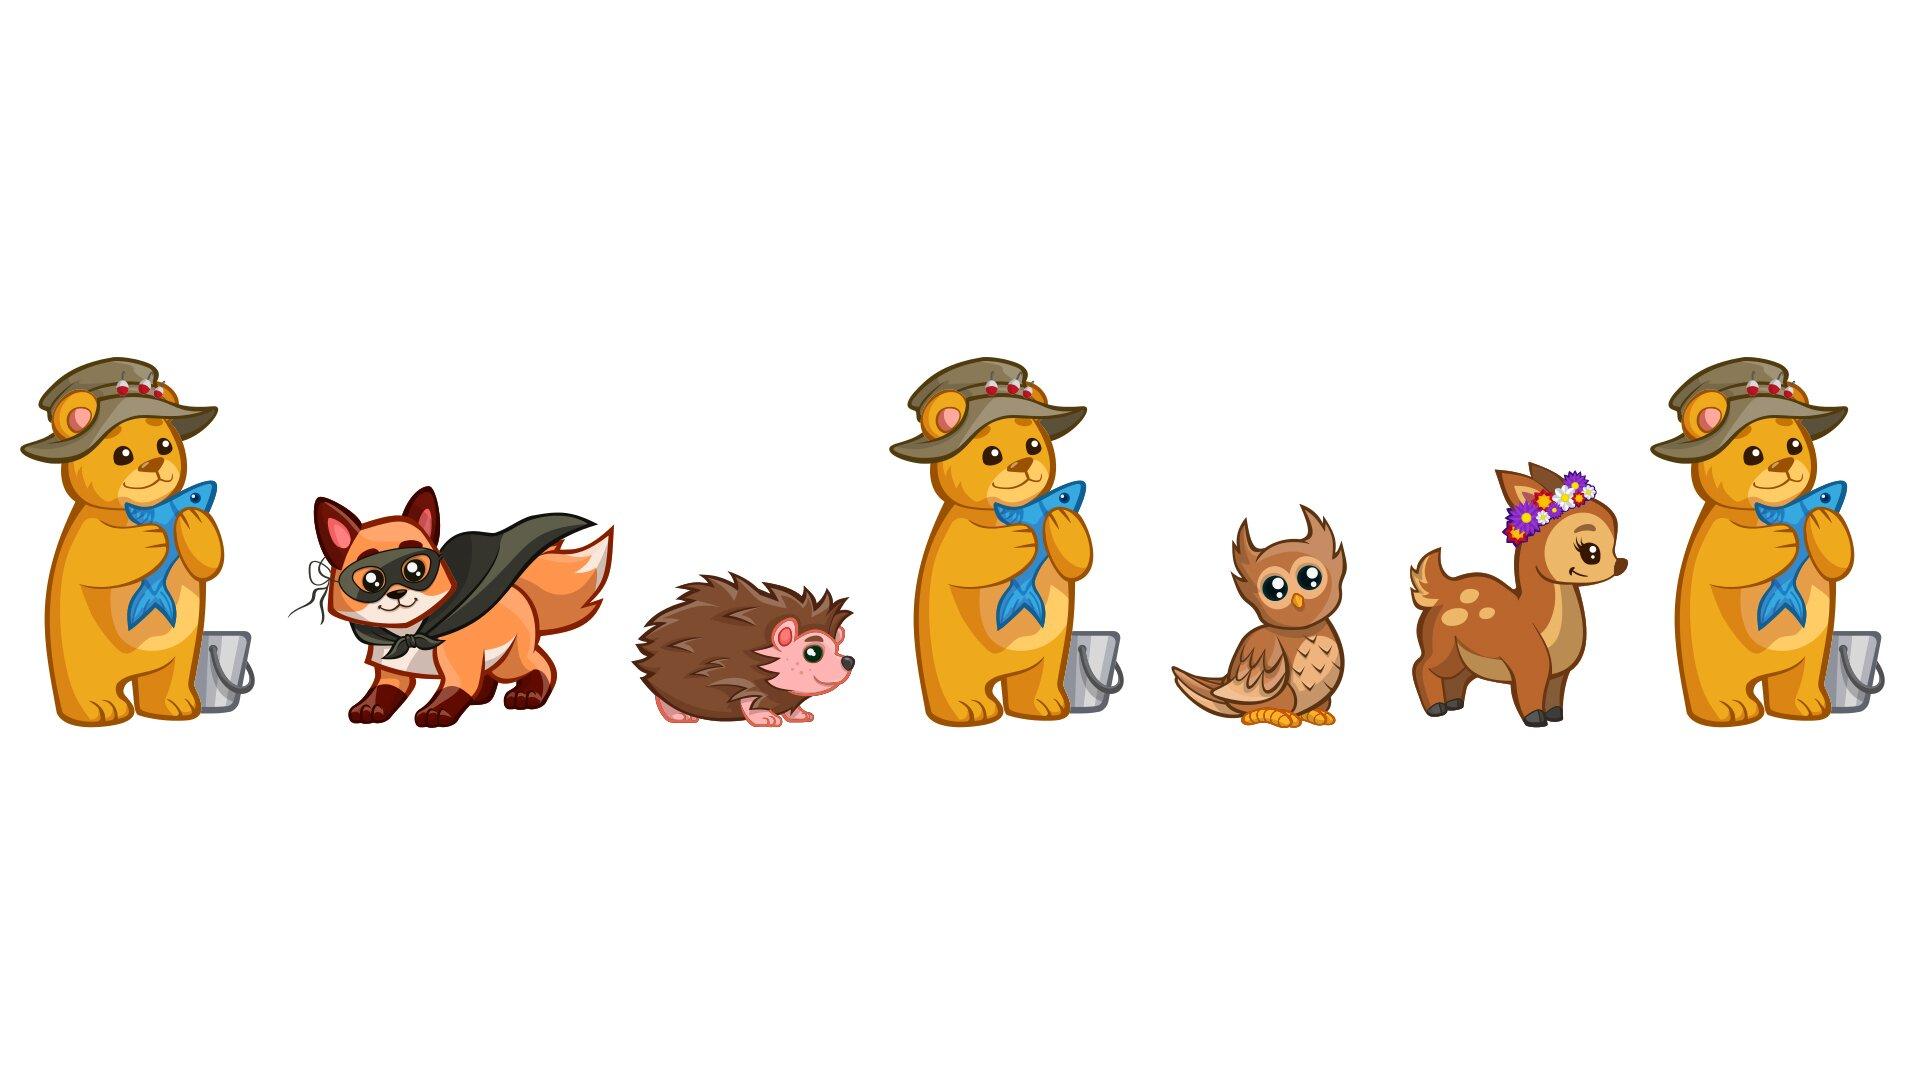 Ilustracja przedstawia ustawione wrządku siedem rysunków zwierząt: lisa, jeża, sowy, sarny oraz niedźwiadka, którego postać powtarza się trzy razy.